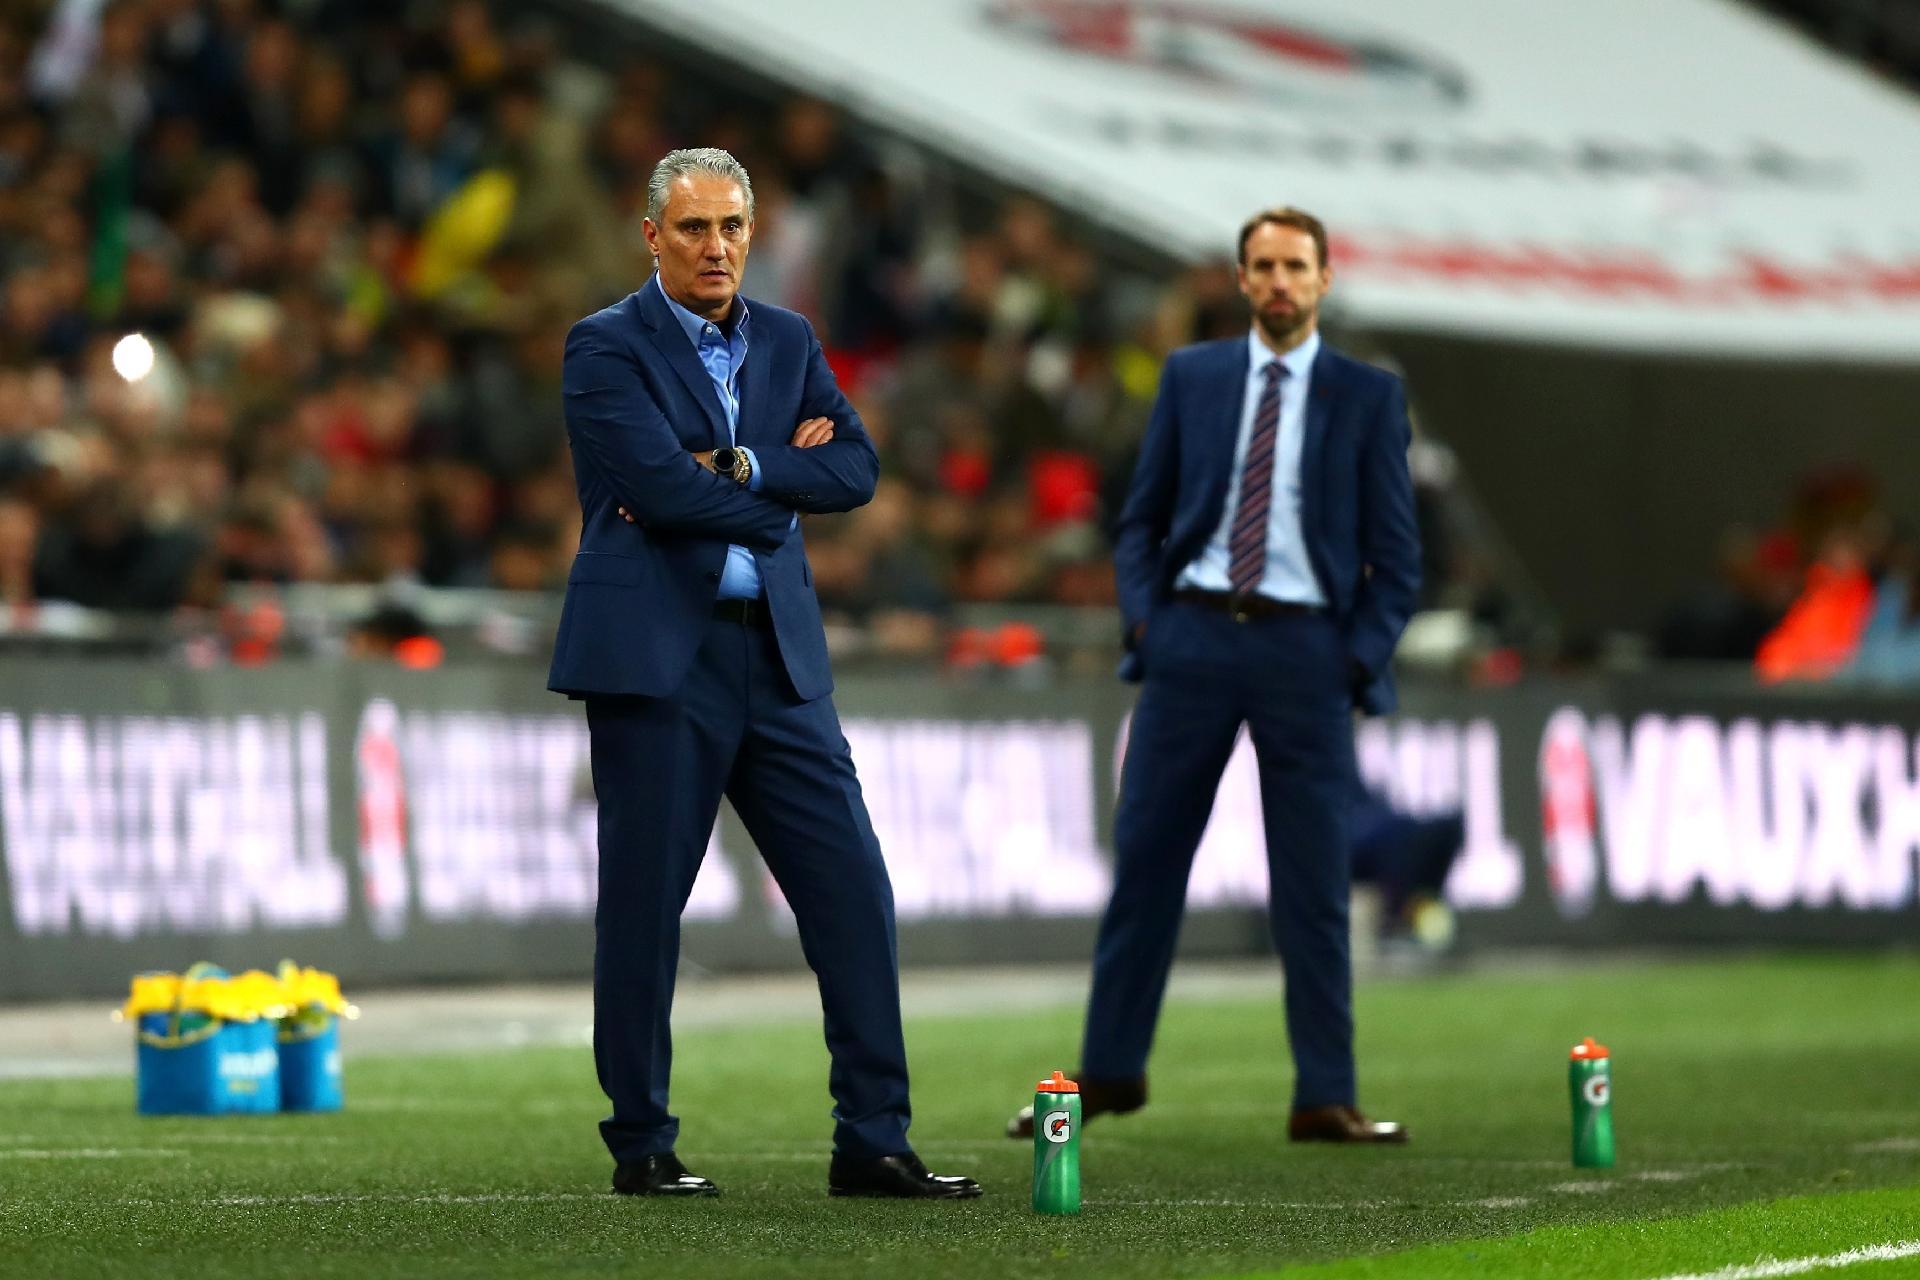 Seleção  Tite crava Firmino e revela 15 nomes já definidos para a Copa de  2018 6180db983adfe